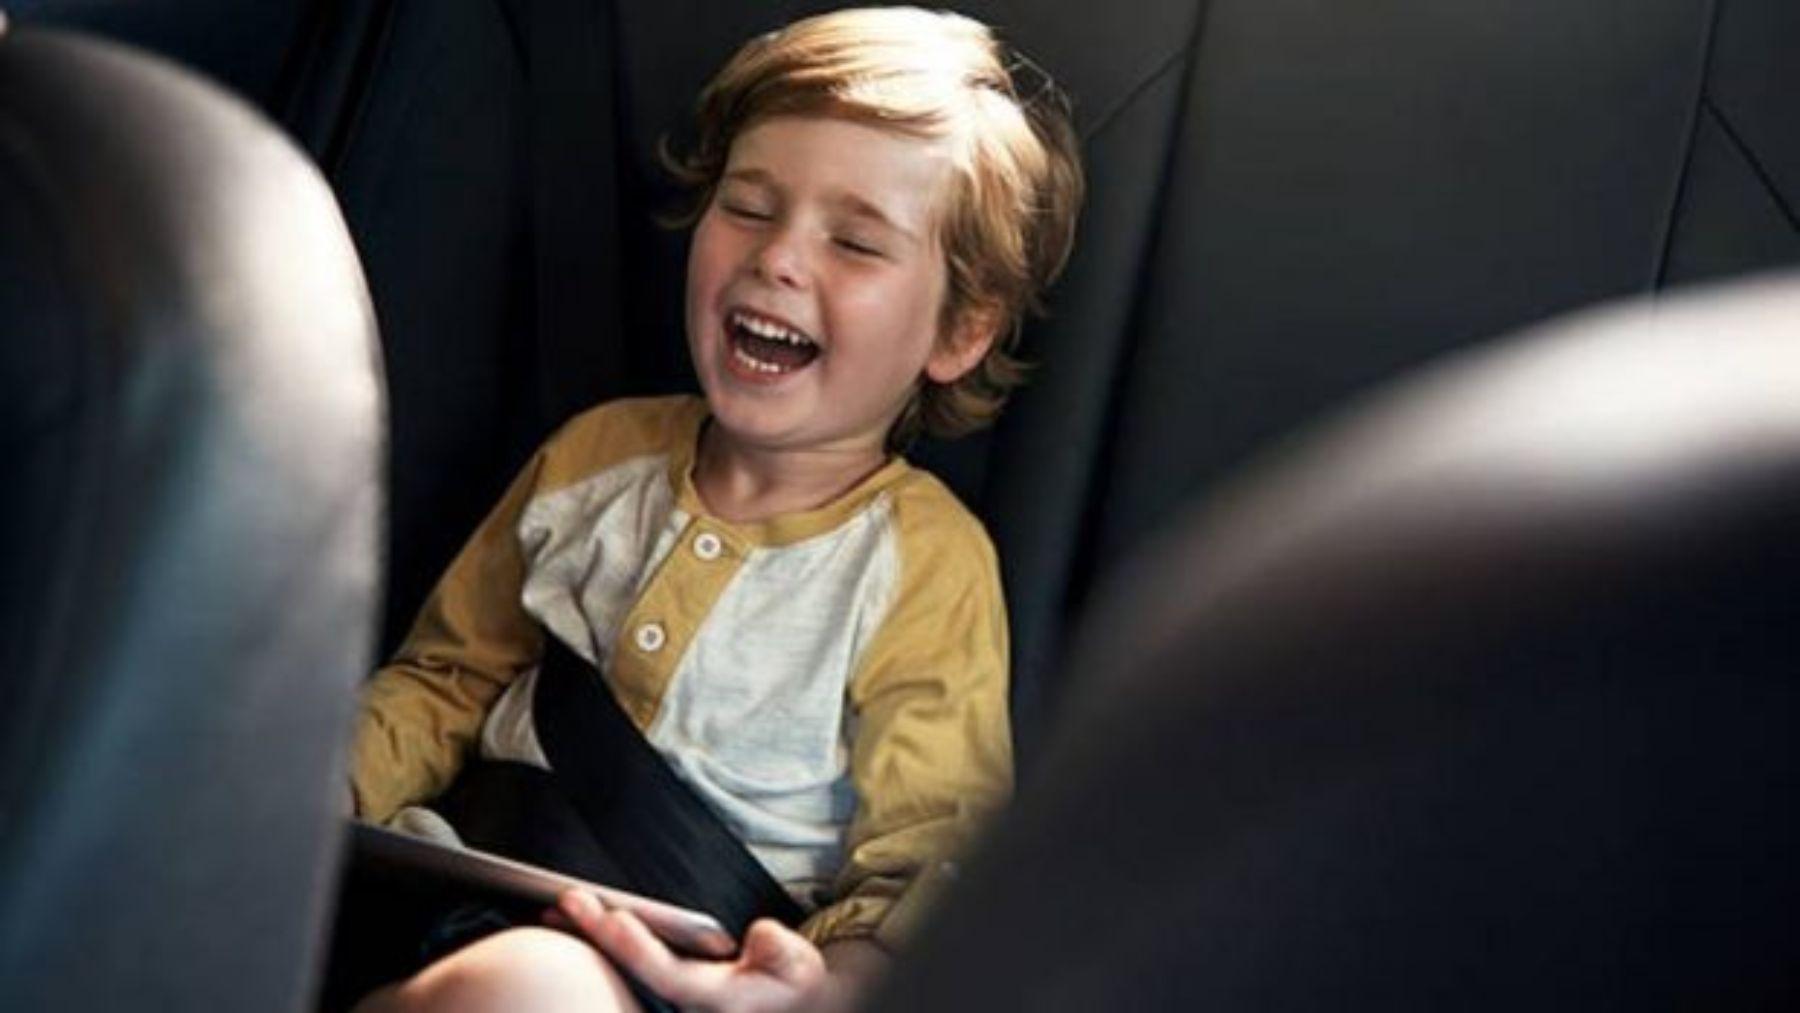 Descubre los mejores chistes para distraer y hacer reír a los niños en el coche